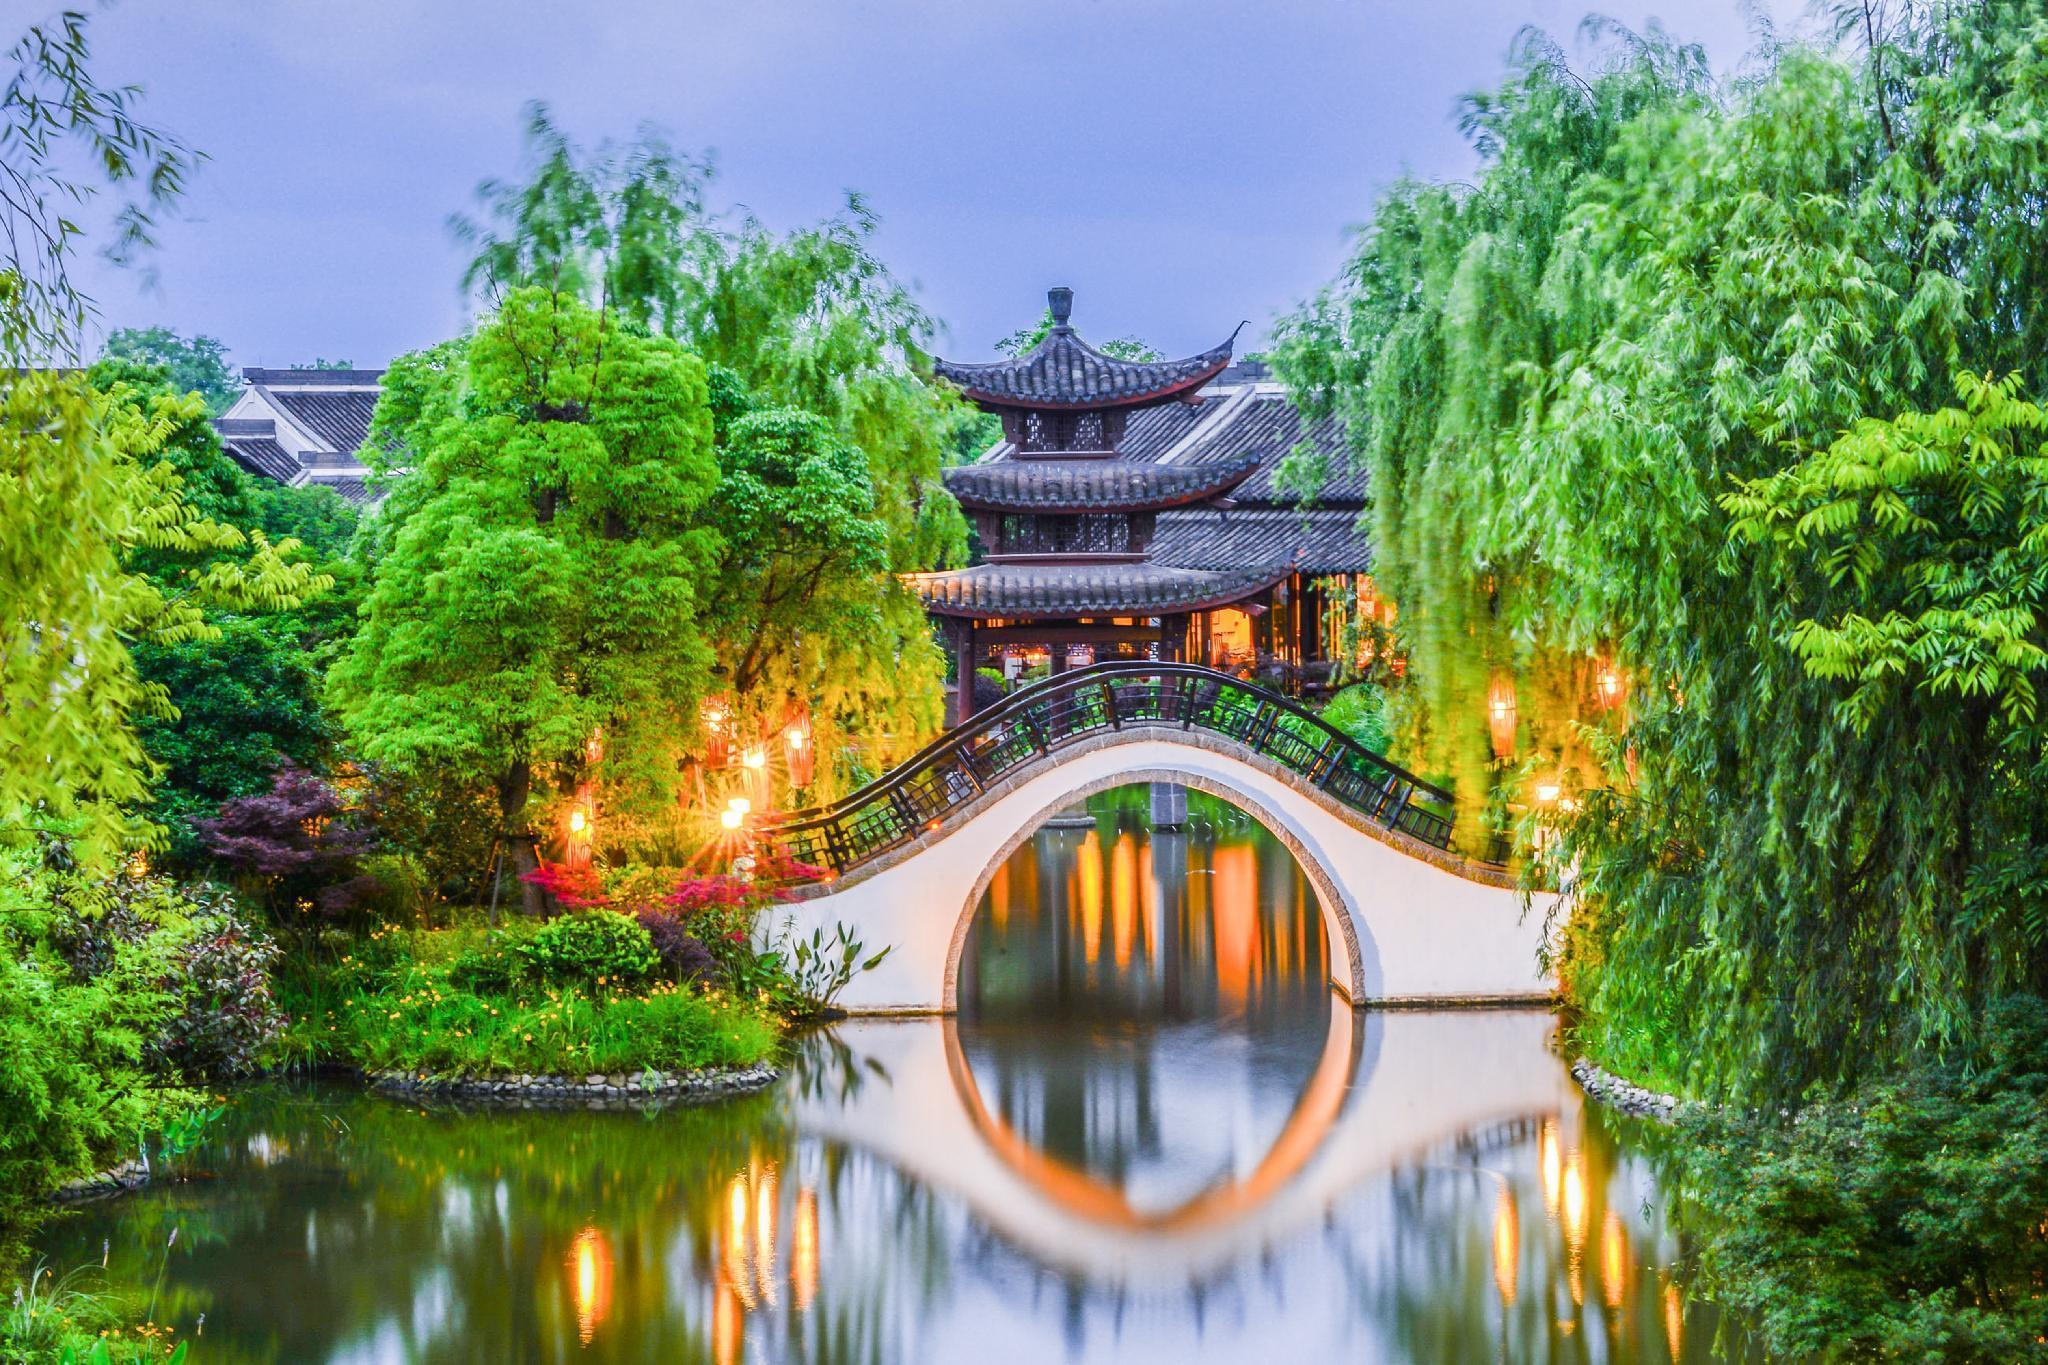 Pod Inn (Hangzhou Gudun Road Jiaotong College)